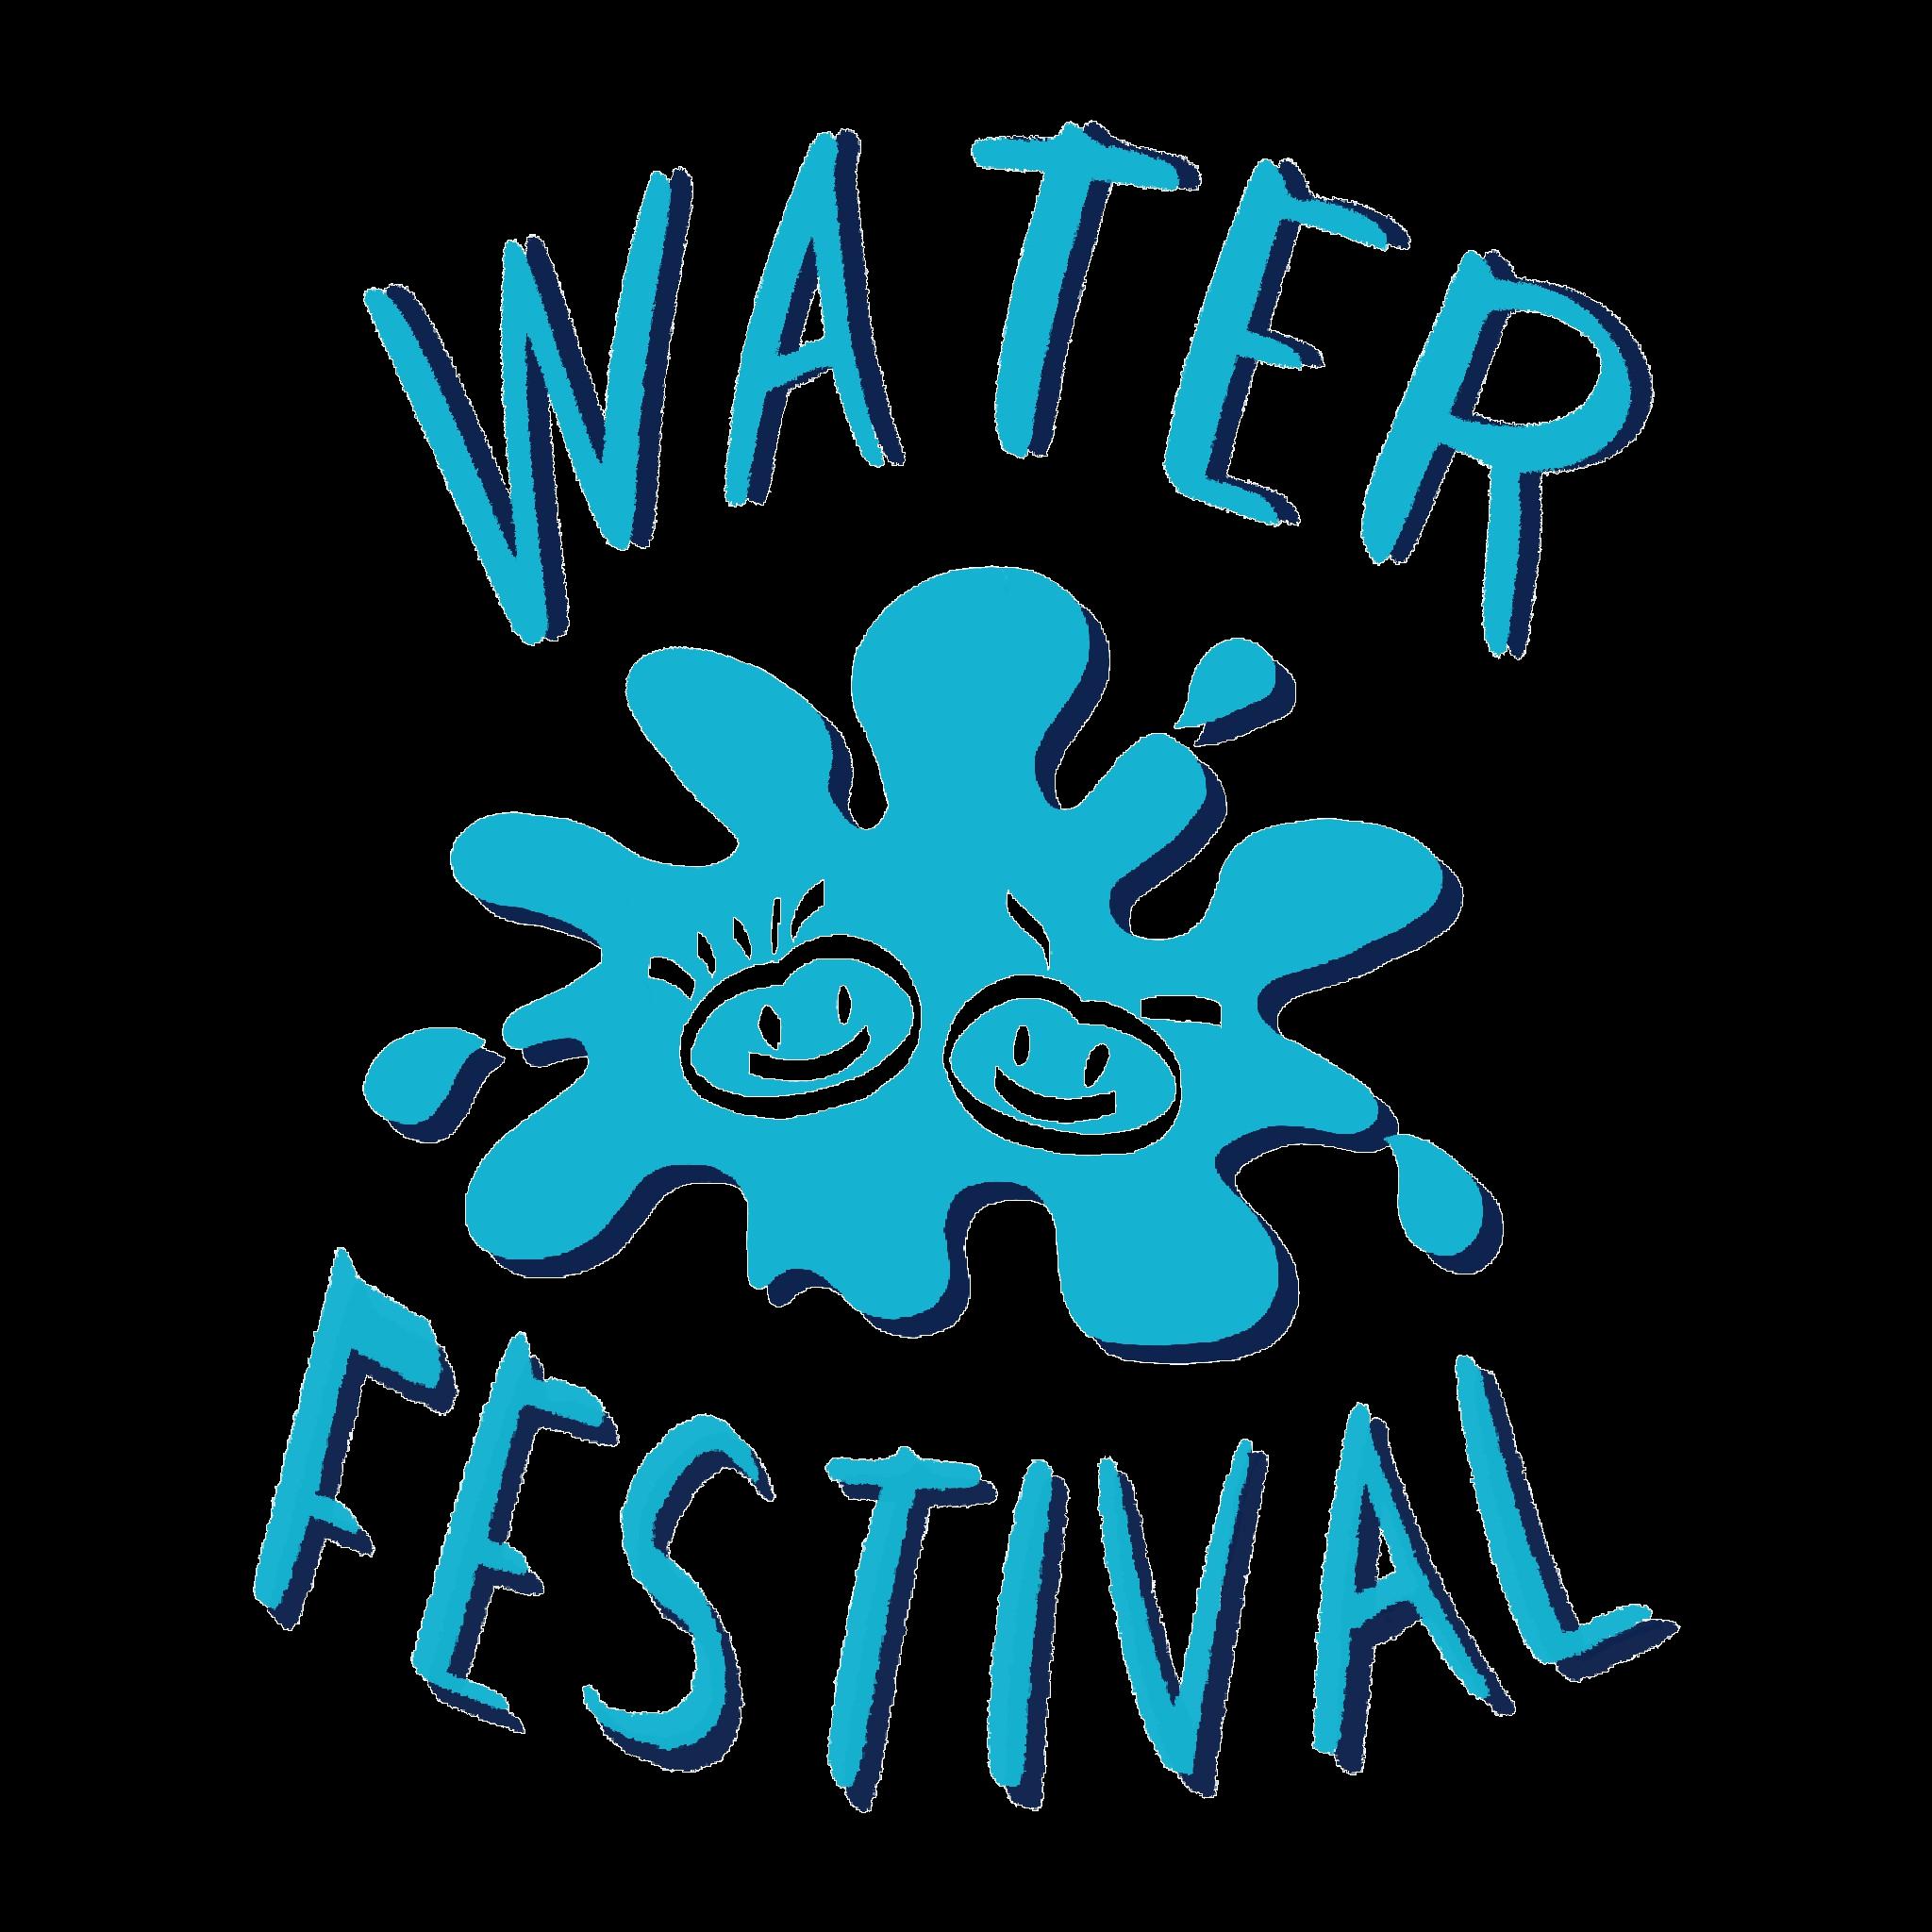 Eastern Ontario Water Festival